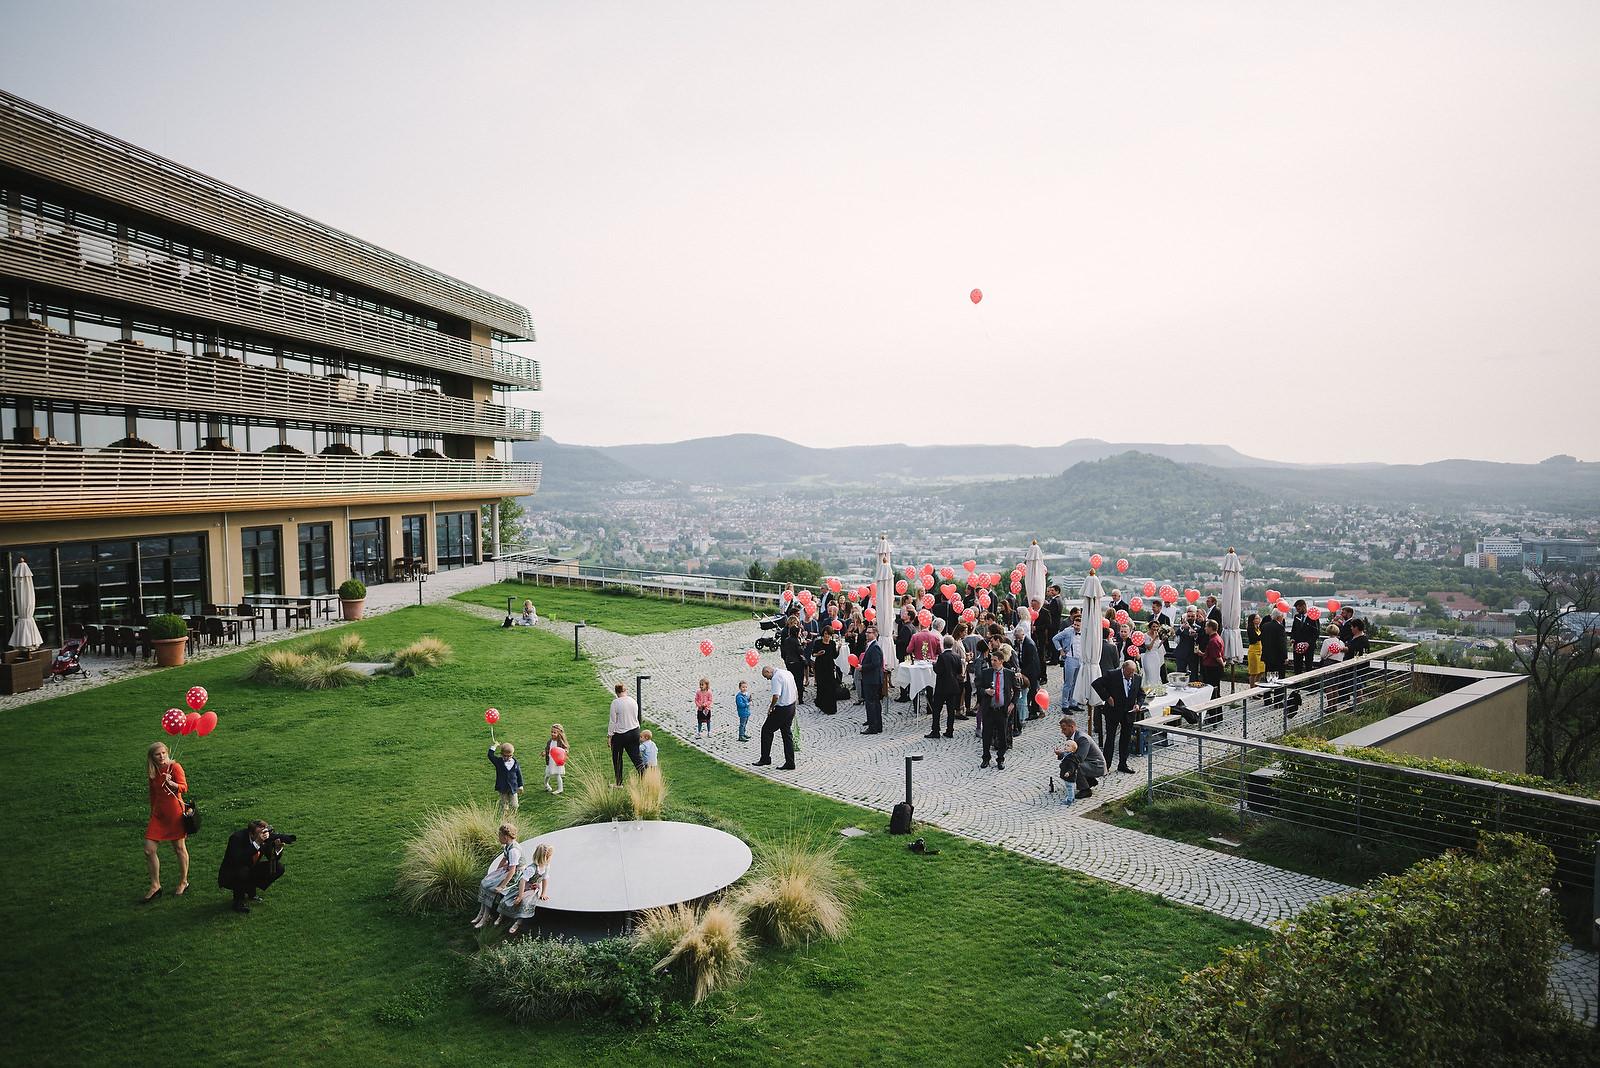 Fotograf Konstanz - Hochzeitsfotograf Reutlingen Achalm Hochzeit EFP 72 - Documentary wedding story on the Achalm, Reutlingen  - 56 -